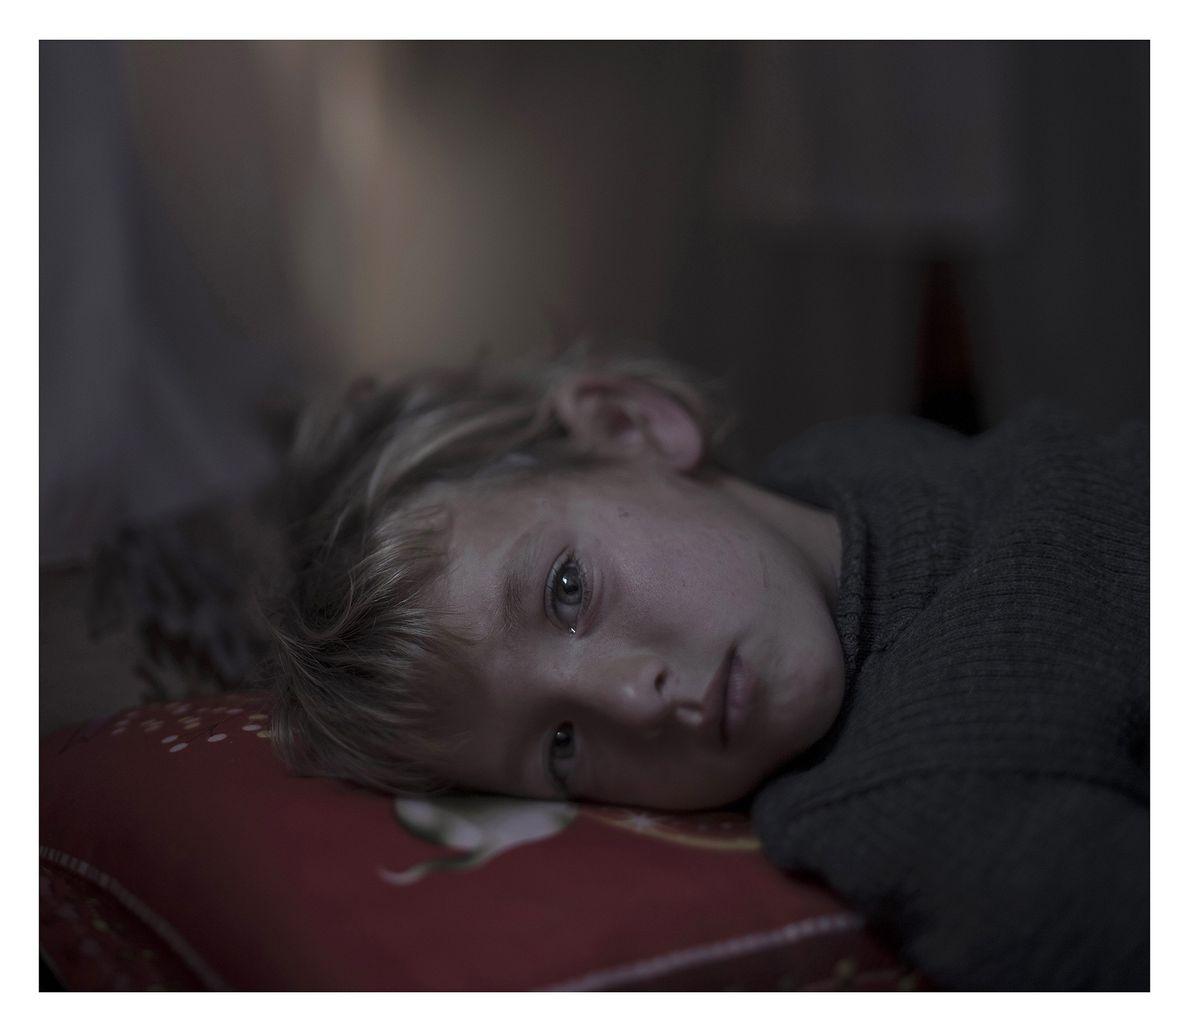 Retrato de criança refugiada